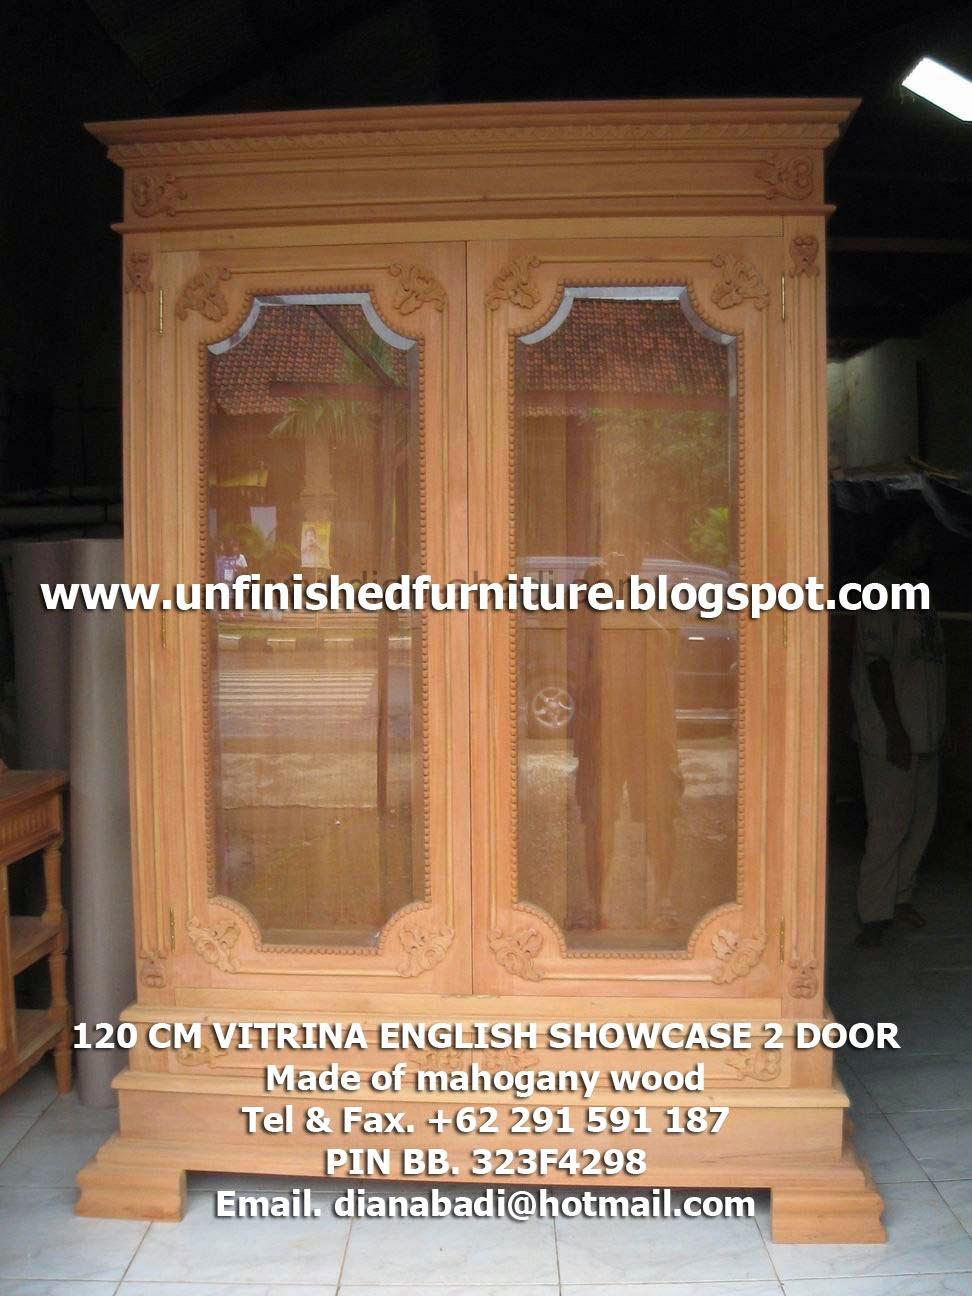 Mebel klasik furniture klasik, almari hias klasik 2 pintu, almari hias mewah mahoni, supplier mebel klasik , jual mebel klasik, jual furniture klasik, jual almari pajangan klasik jepara